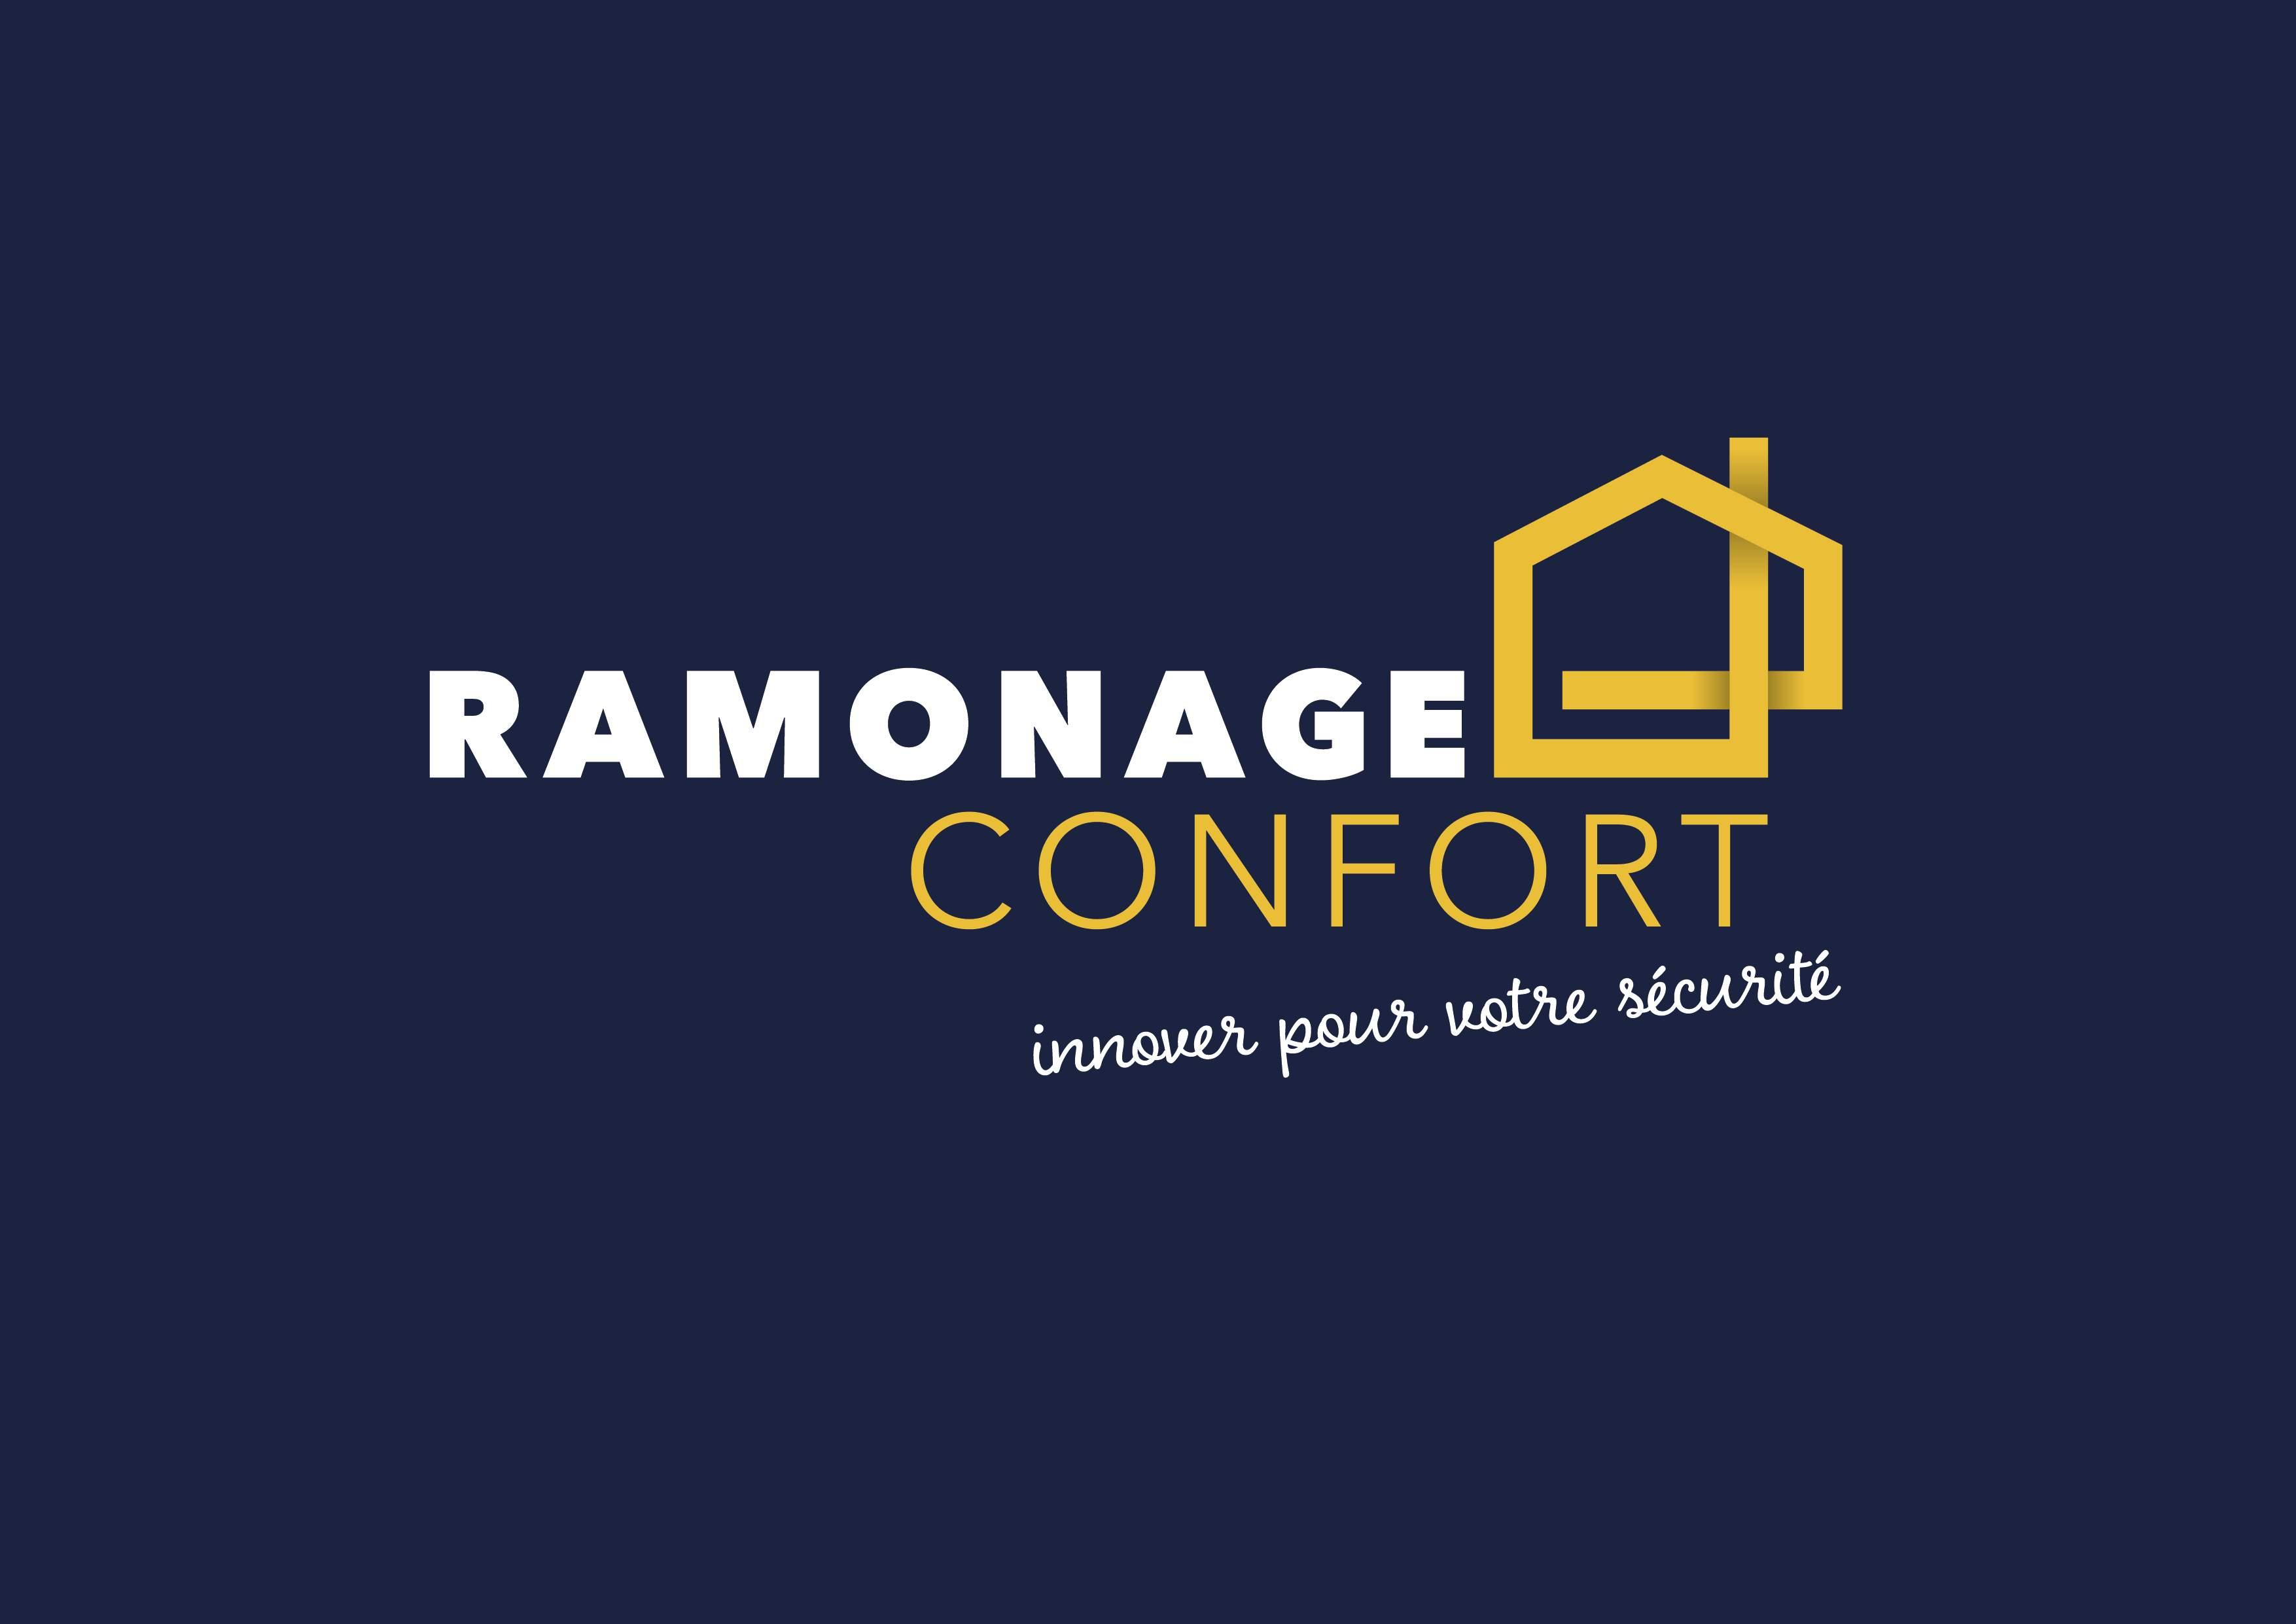 Logo RAMONAGE CONFORT installation de poêle à bois, granulés ou pellet Loire-Atlantique 44